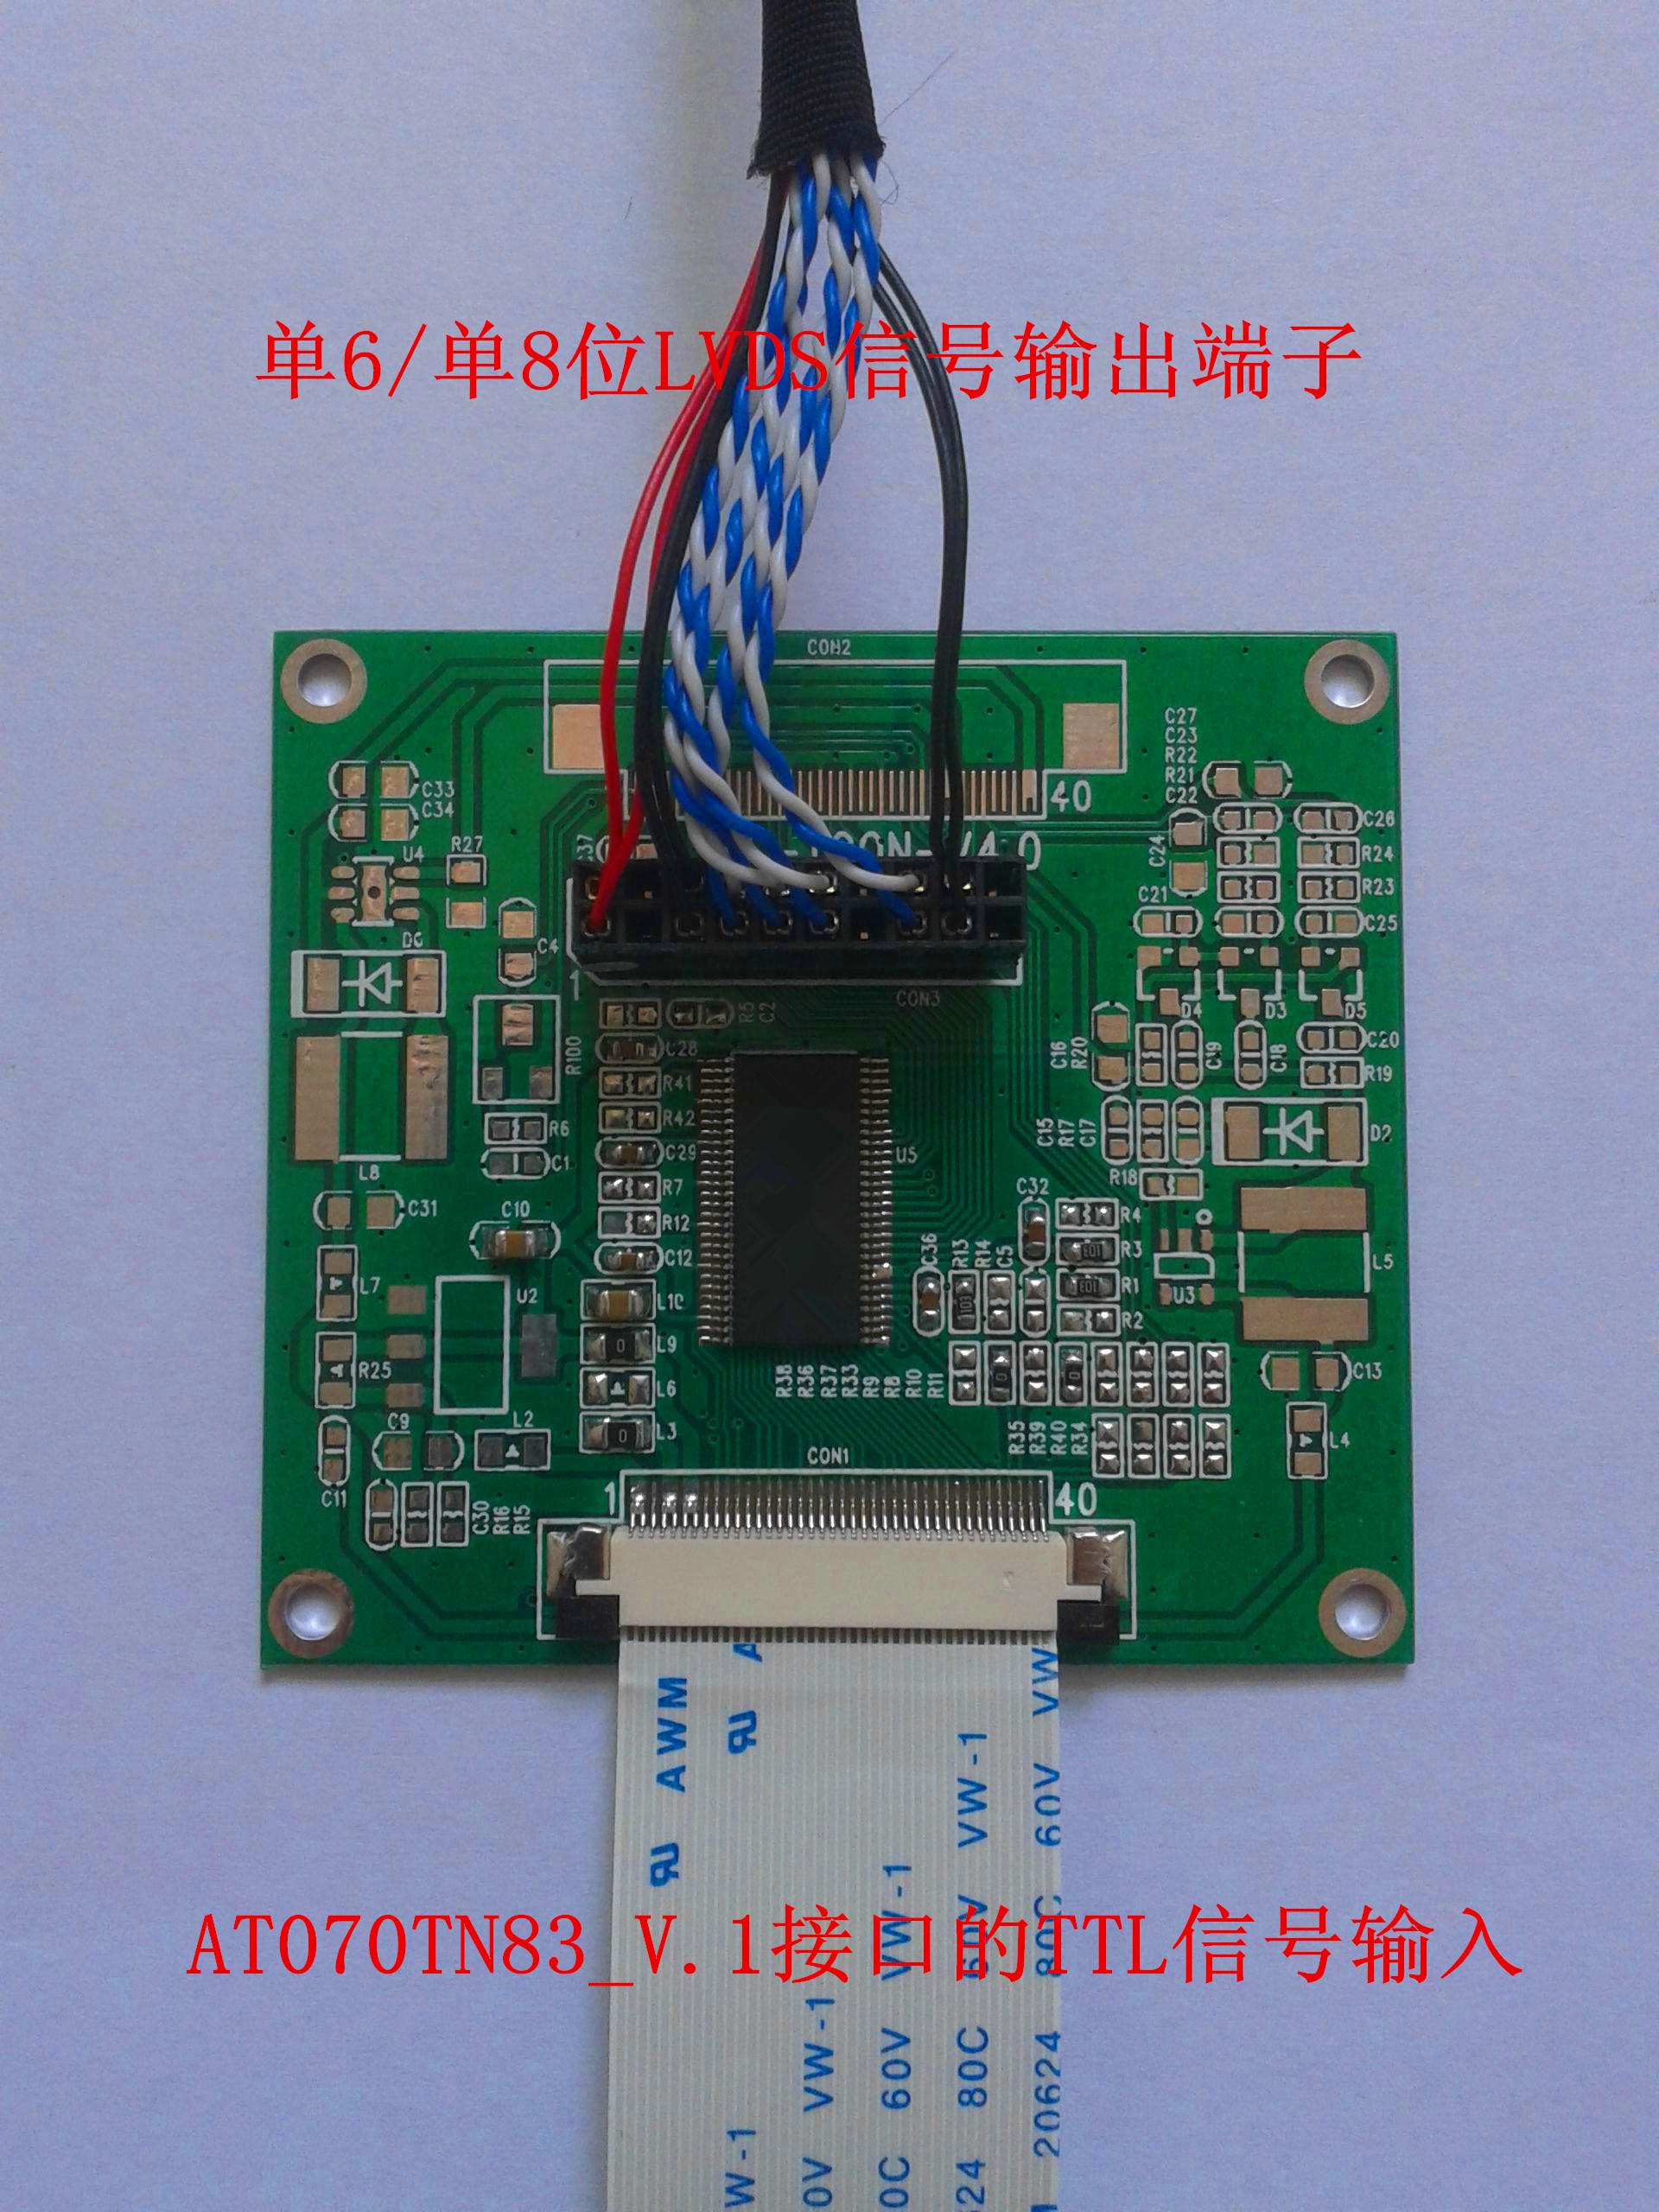 at070tn83_v.1接口的ttl信号转单6单8位lvds信号tcon板